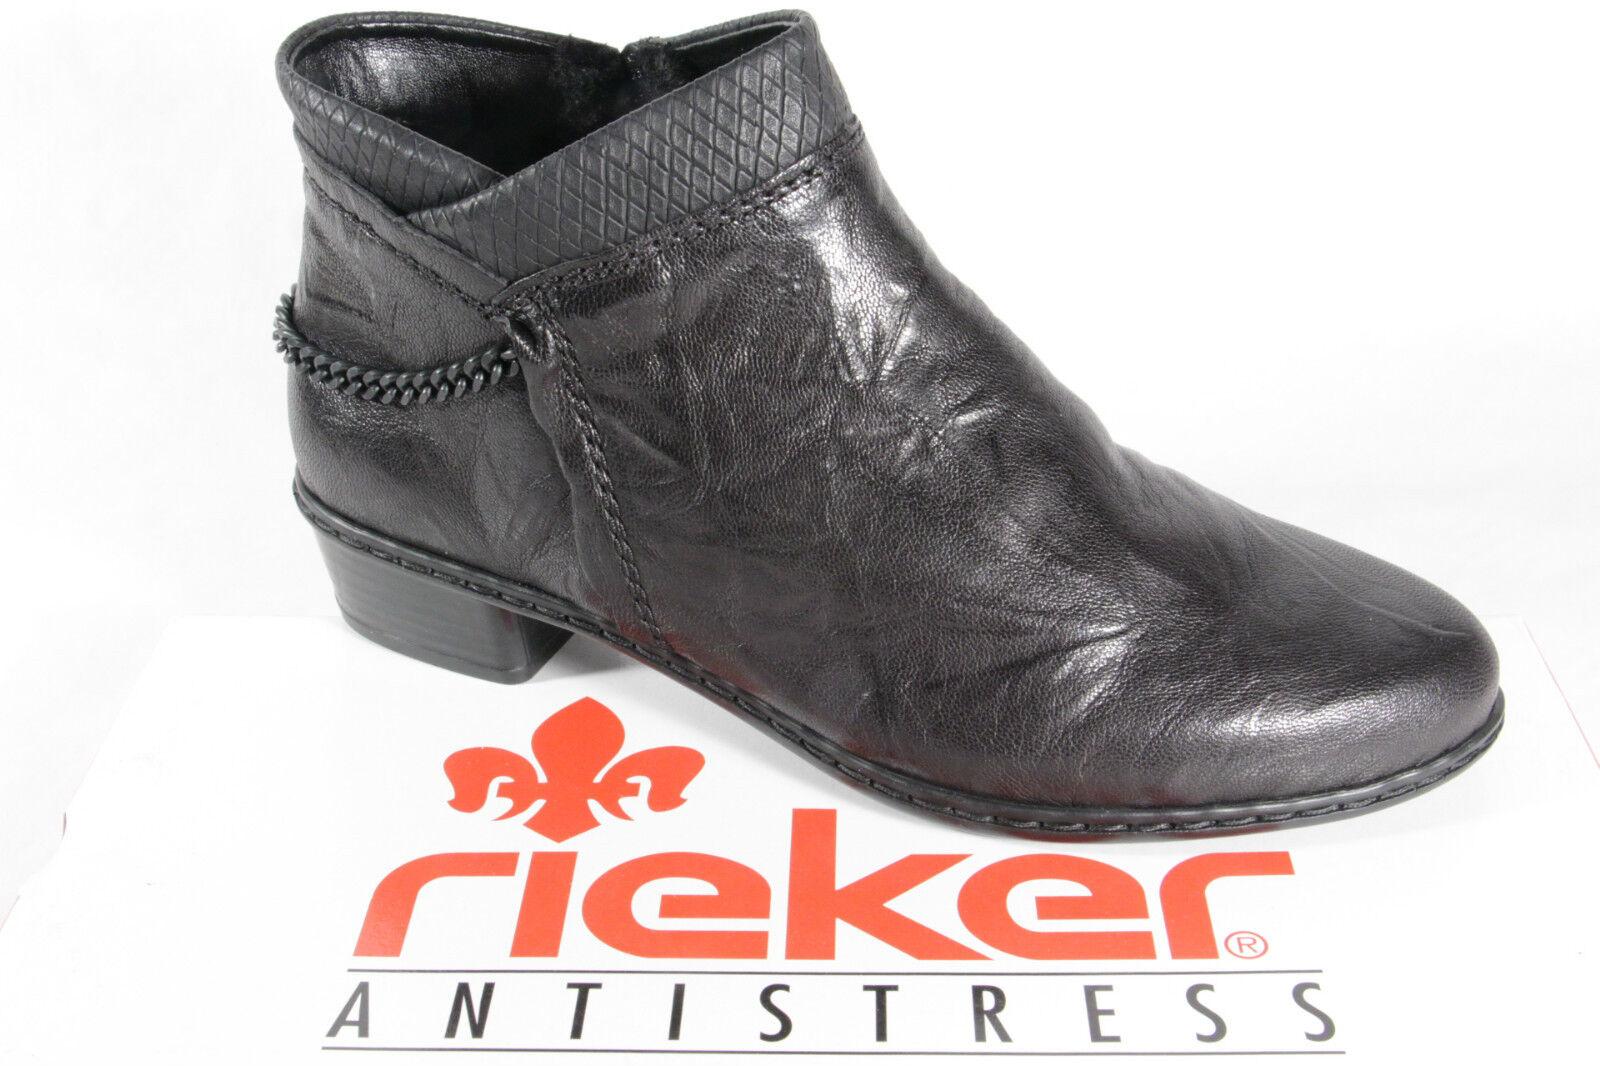 Rieker Botines Botines Botines botas Invierno Negro, Forrado Y0780 Nuevo  moda